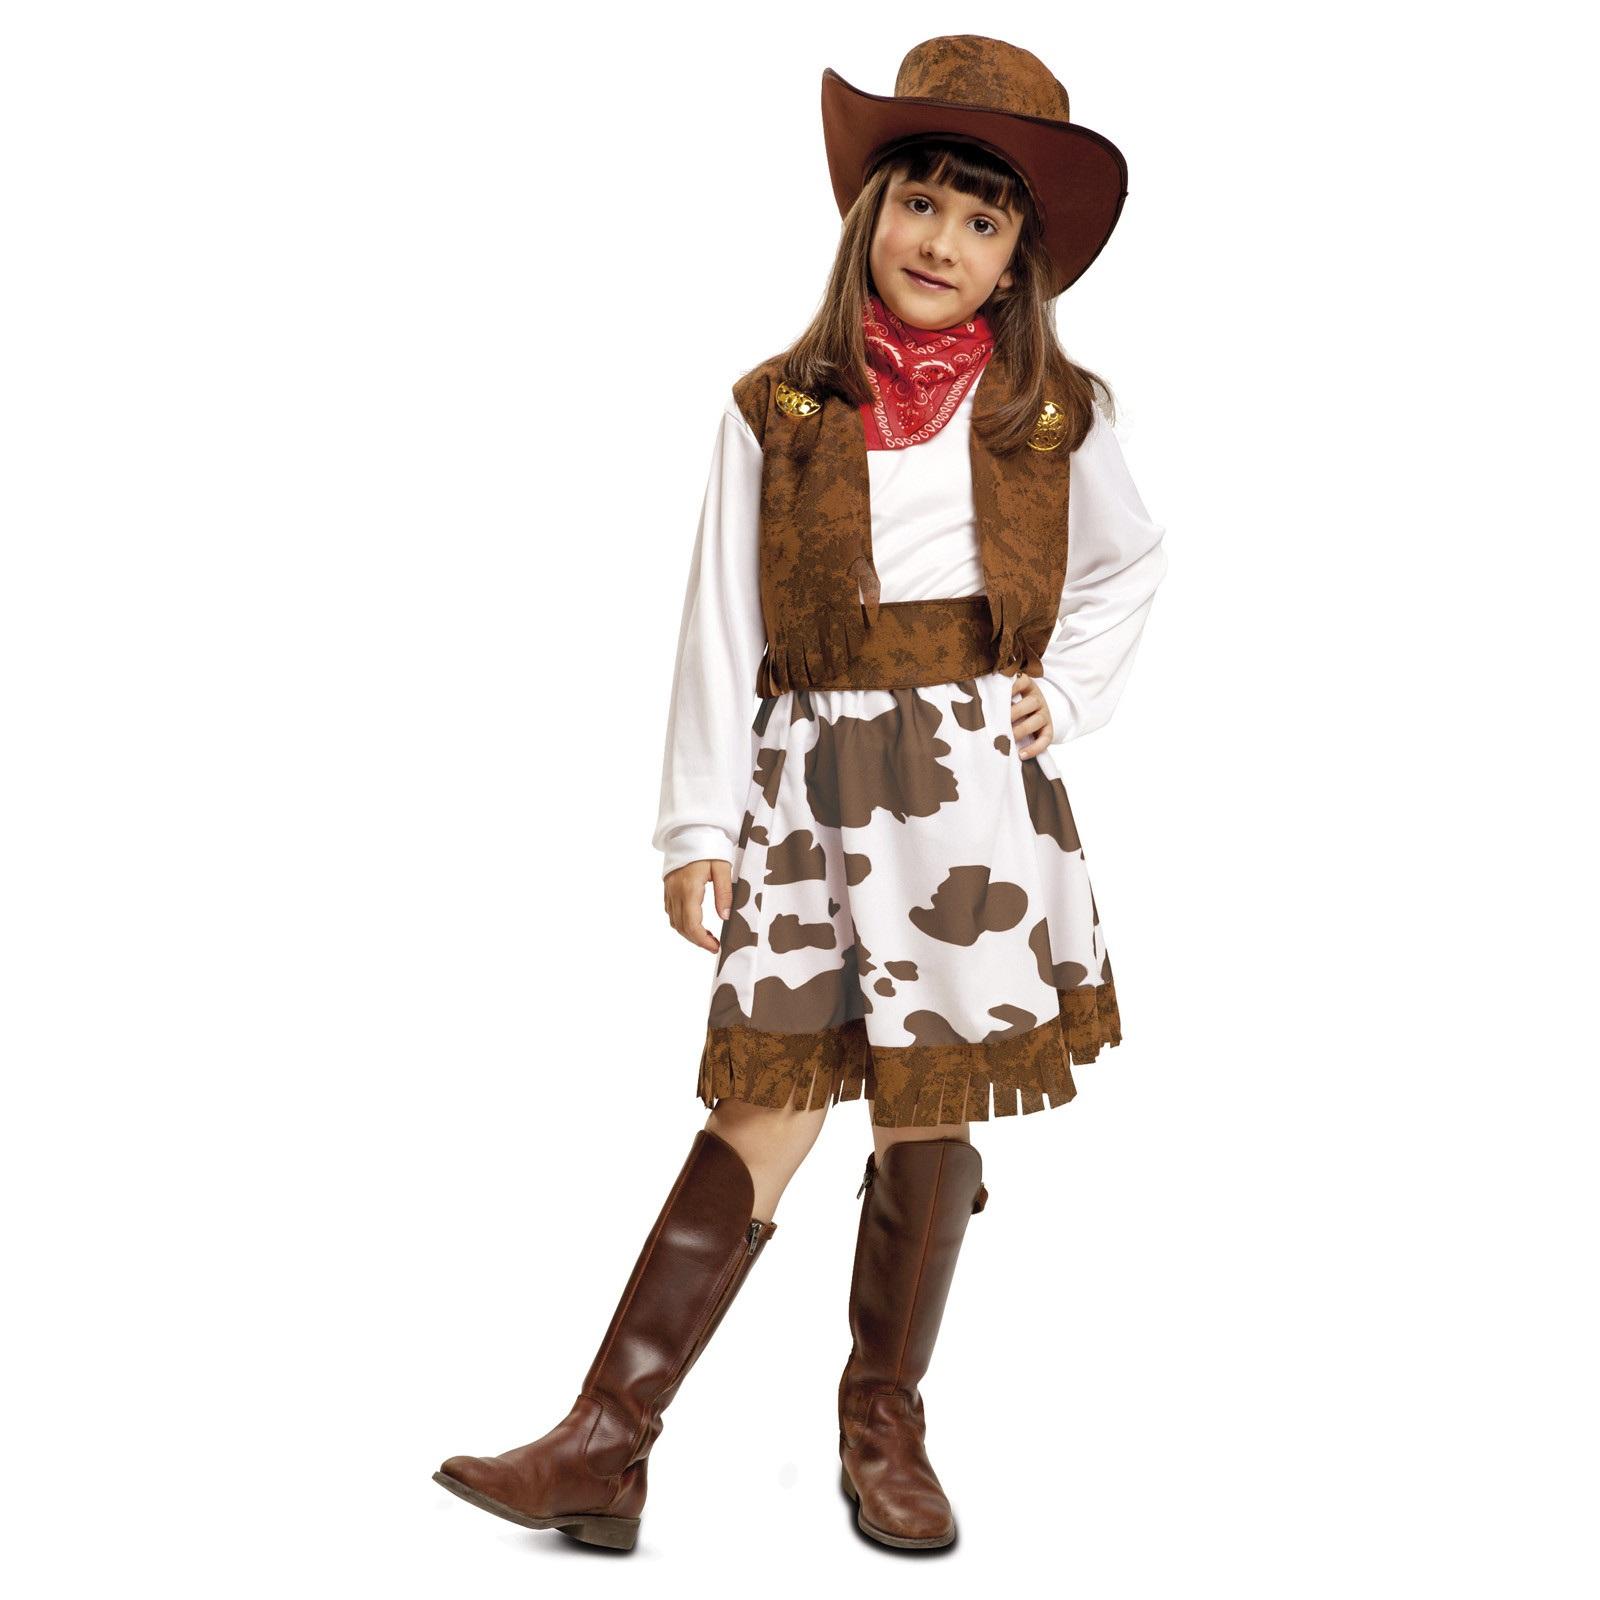 disfraz vaquera blanco y marrón niña 200830mom - DISFRAZ DE VAQUERA BLANCO Y MARRON NIÑA